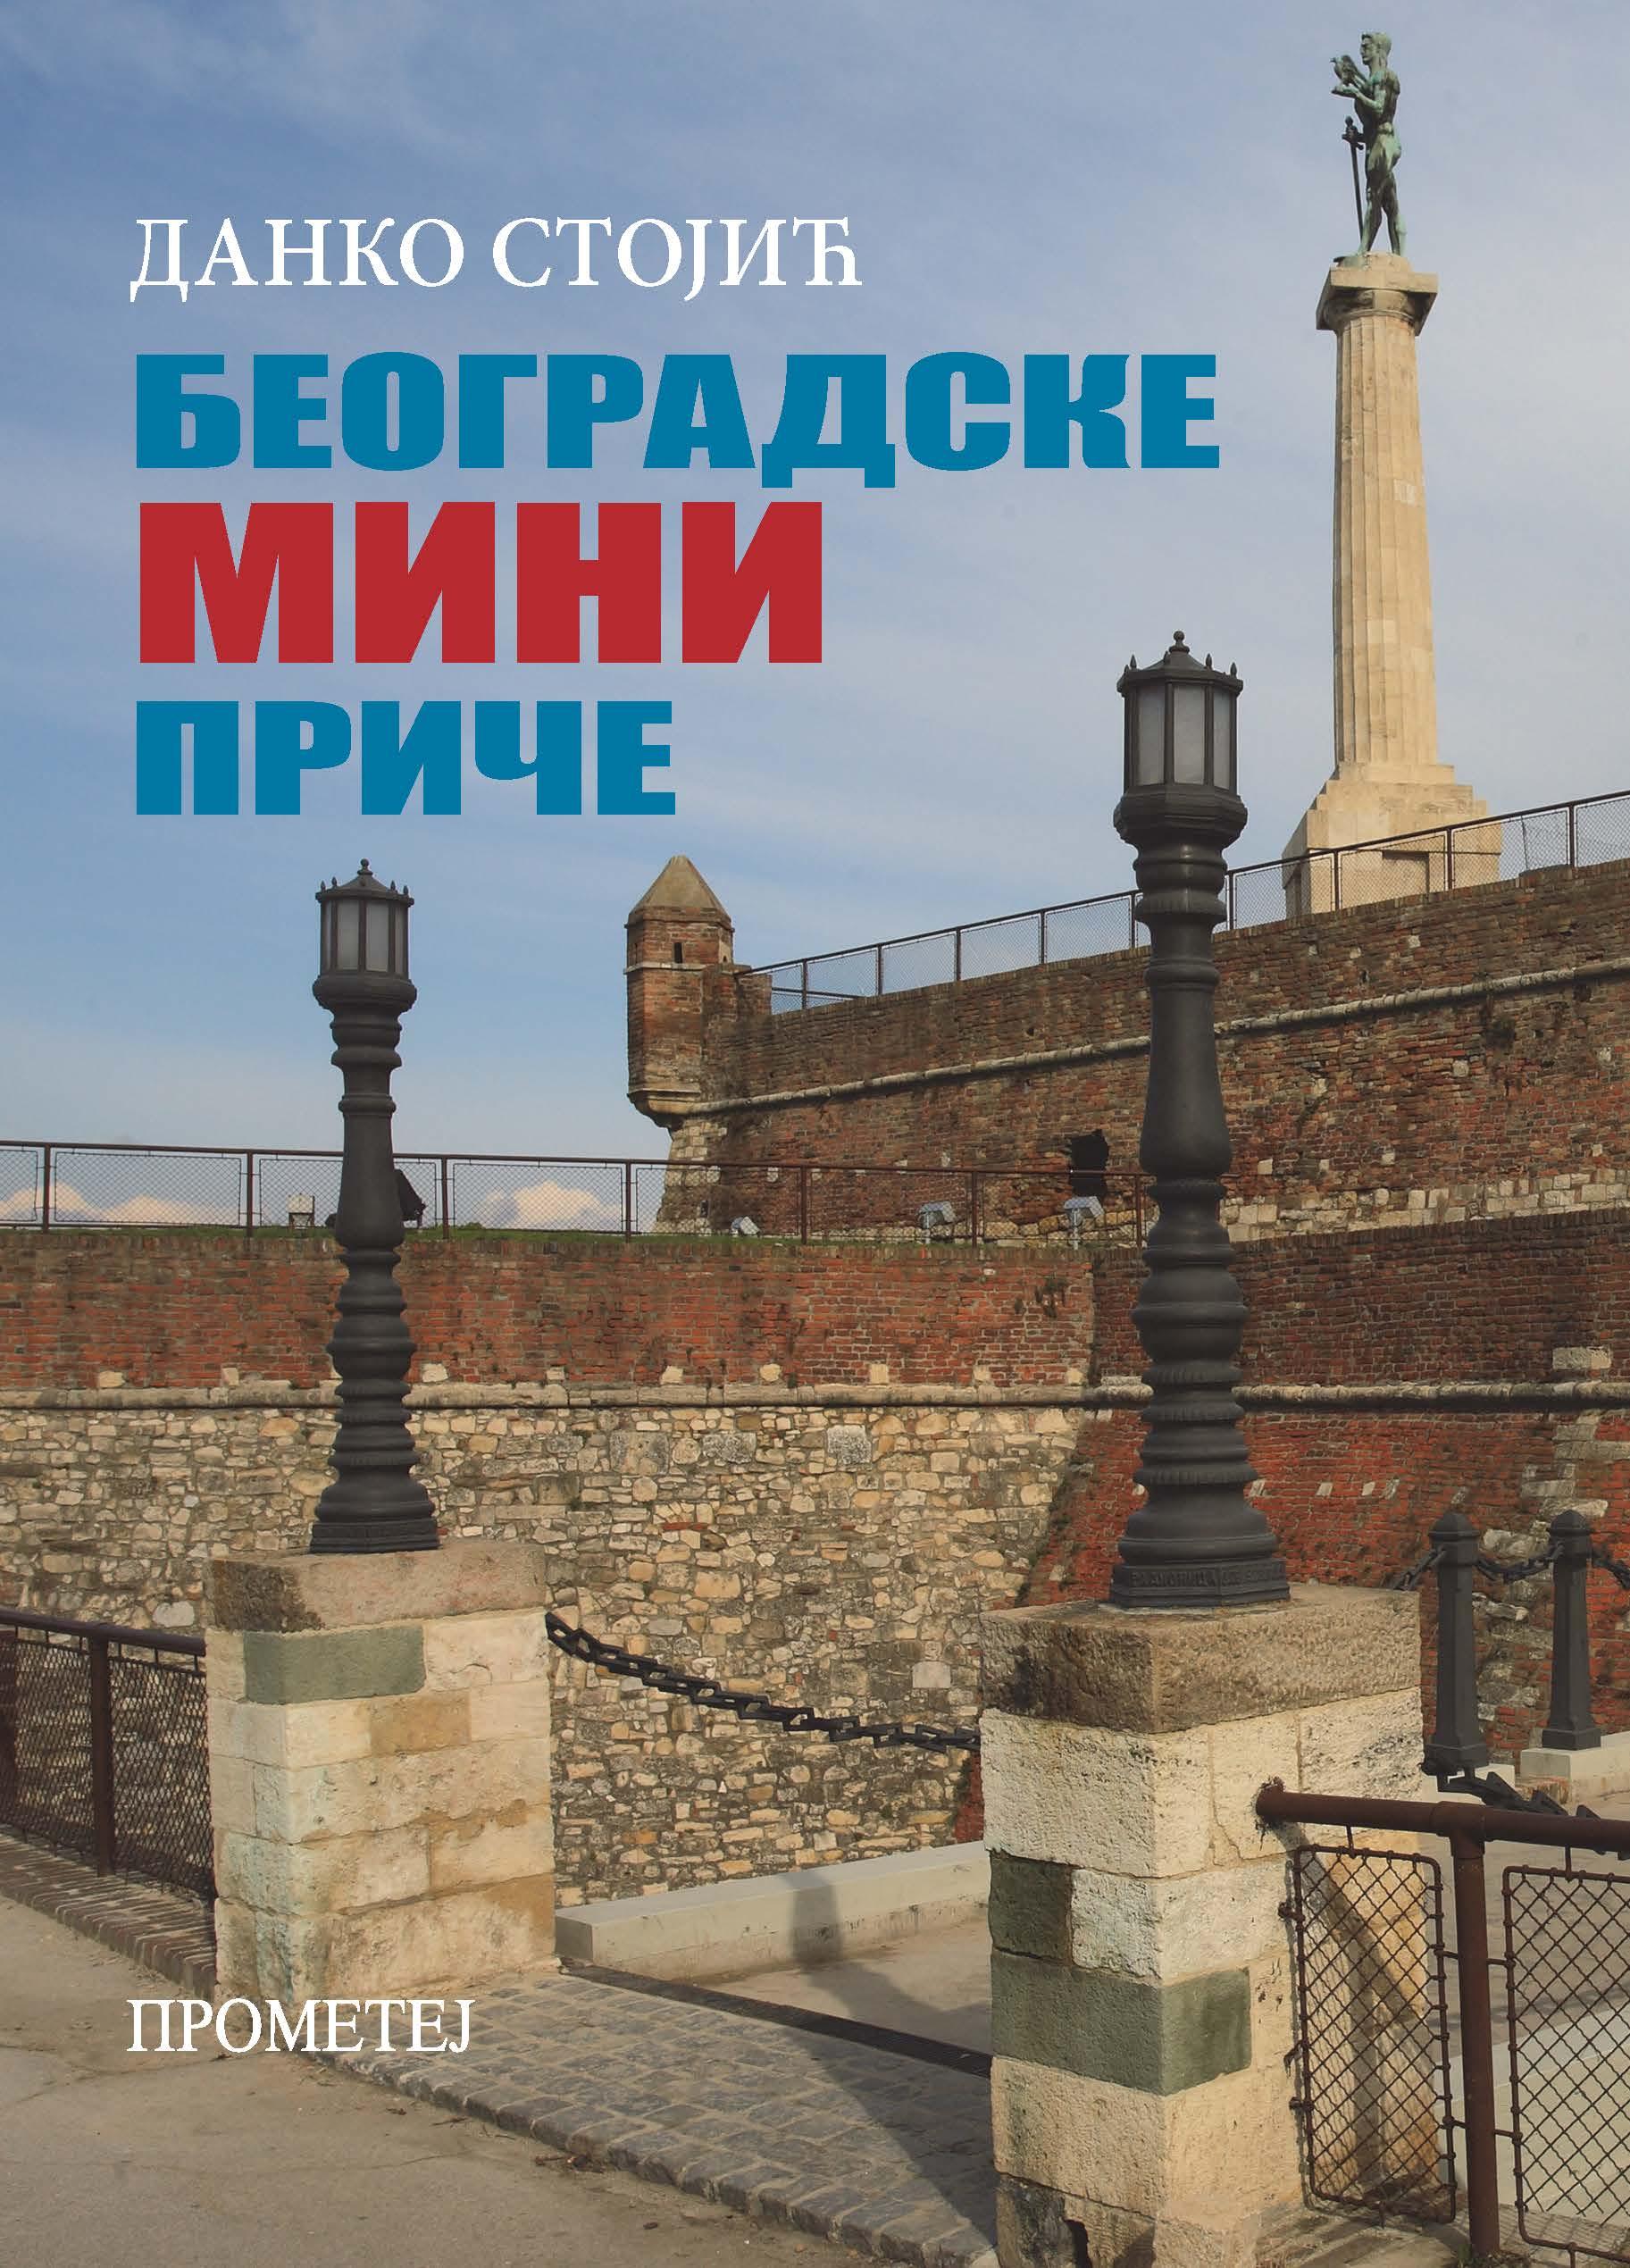 Београдске мини приче